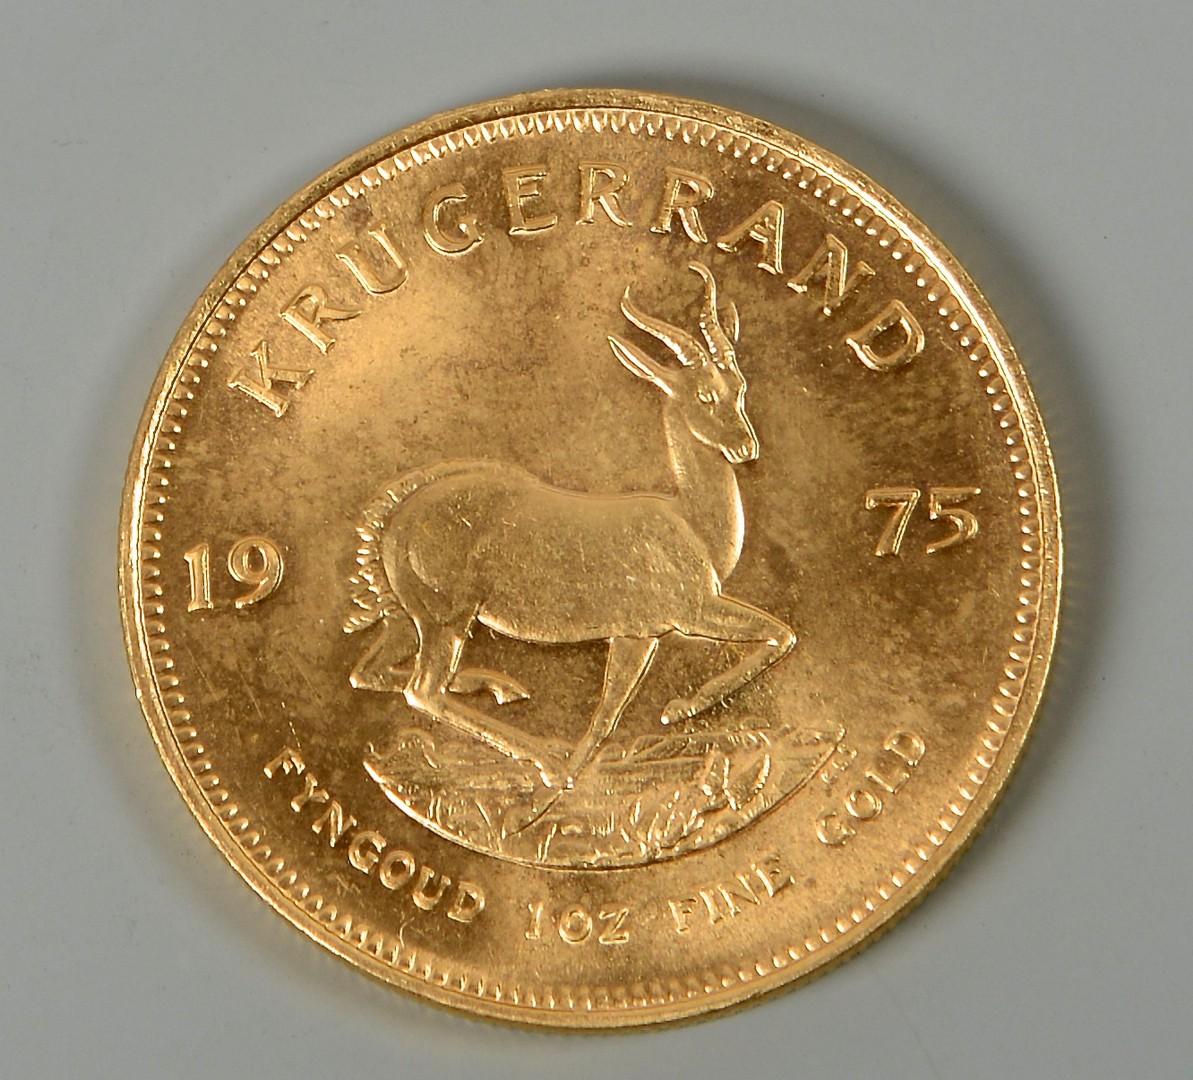 Lot 862: 1 OZ 24K South African Krugerrand